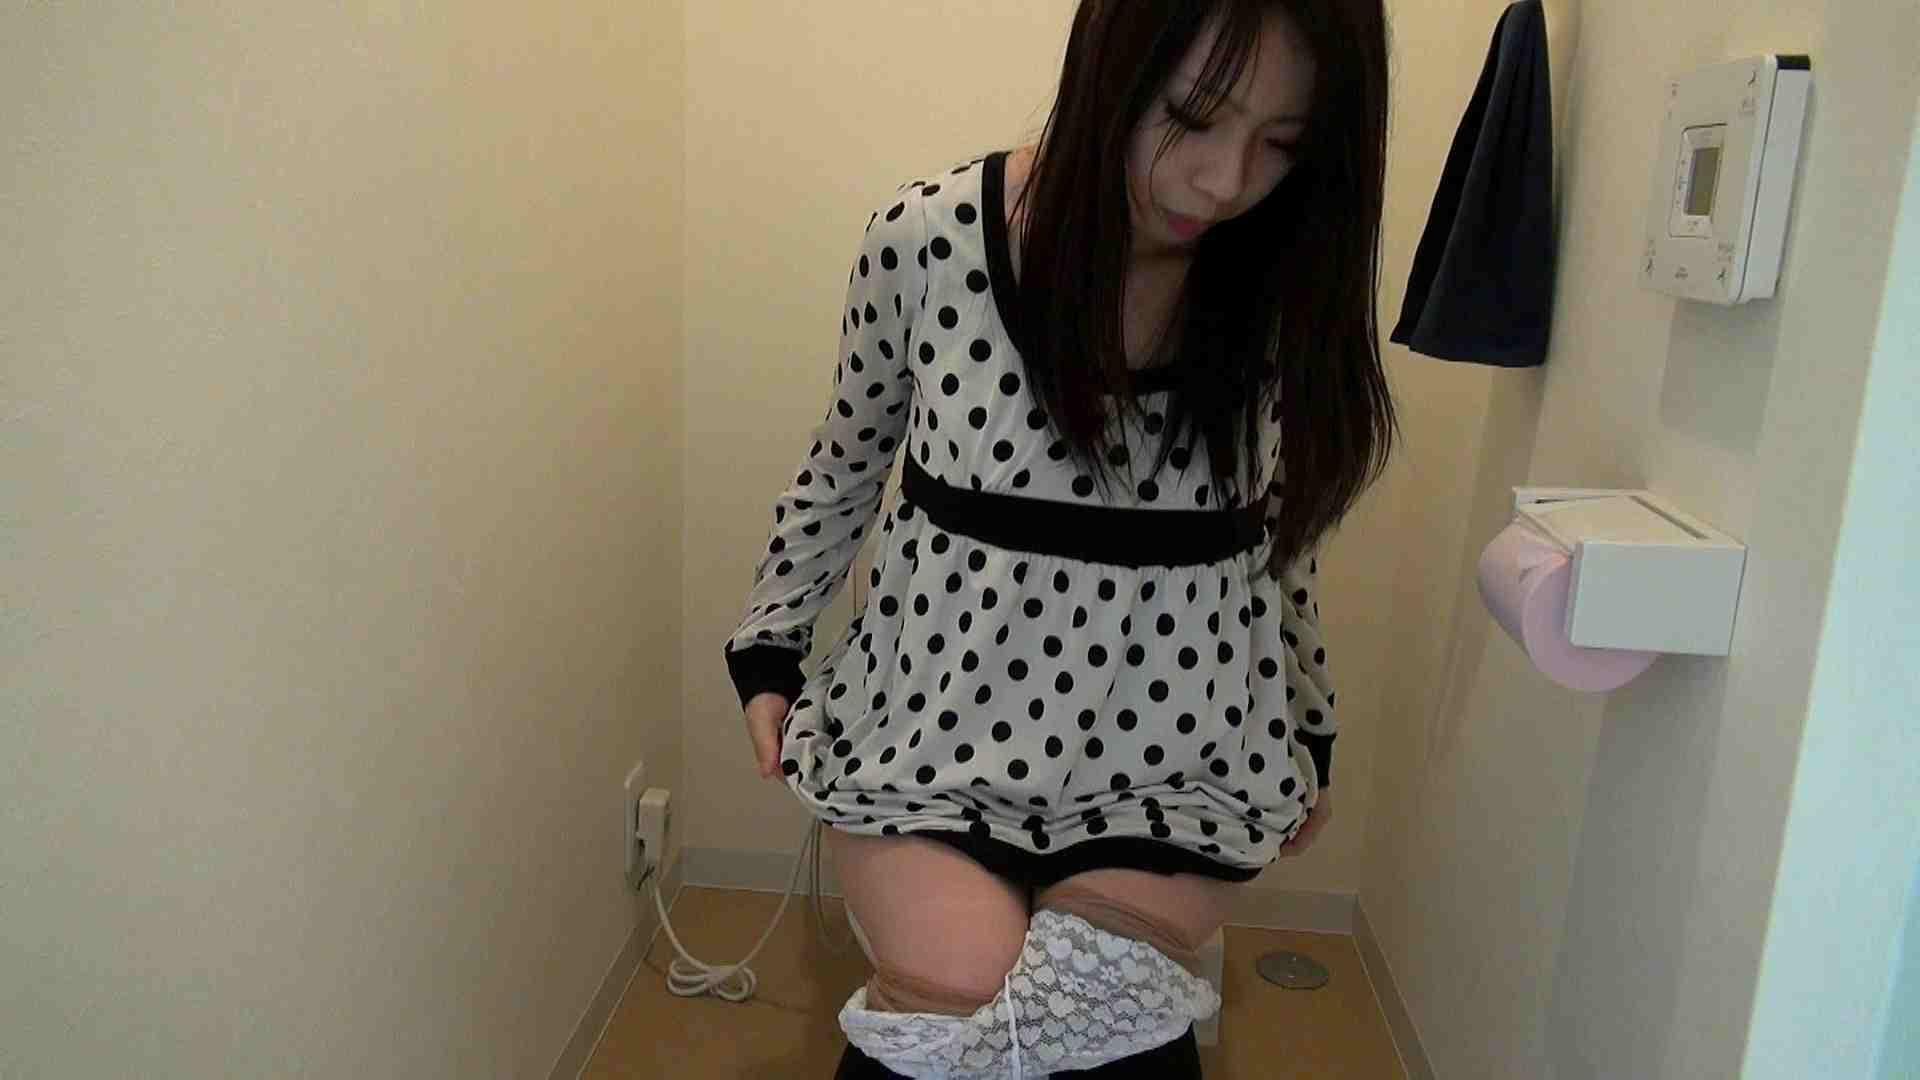 志穂さんにお手洗いに行ってもらいましょう マンコ特別編 すけべAV動画紹介 92枚 23